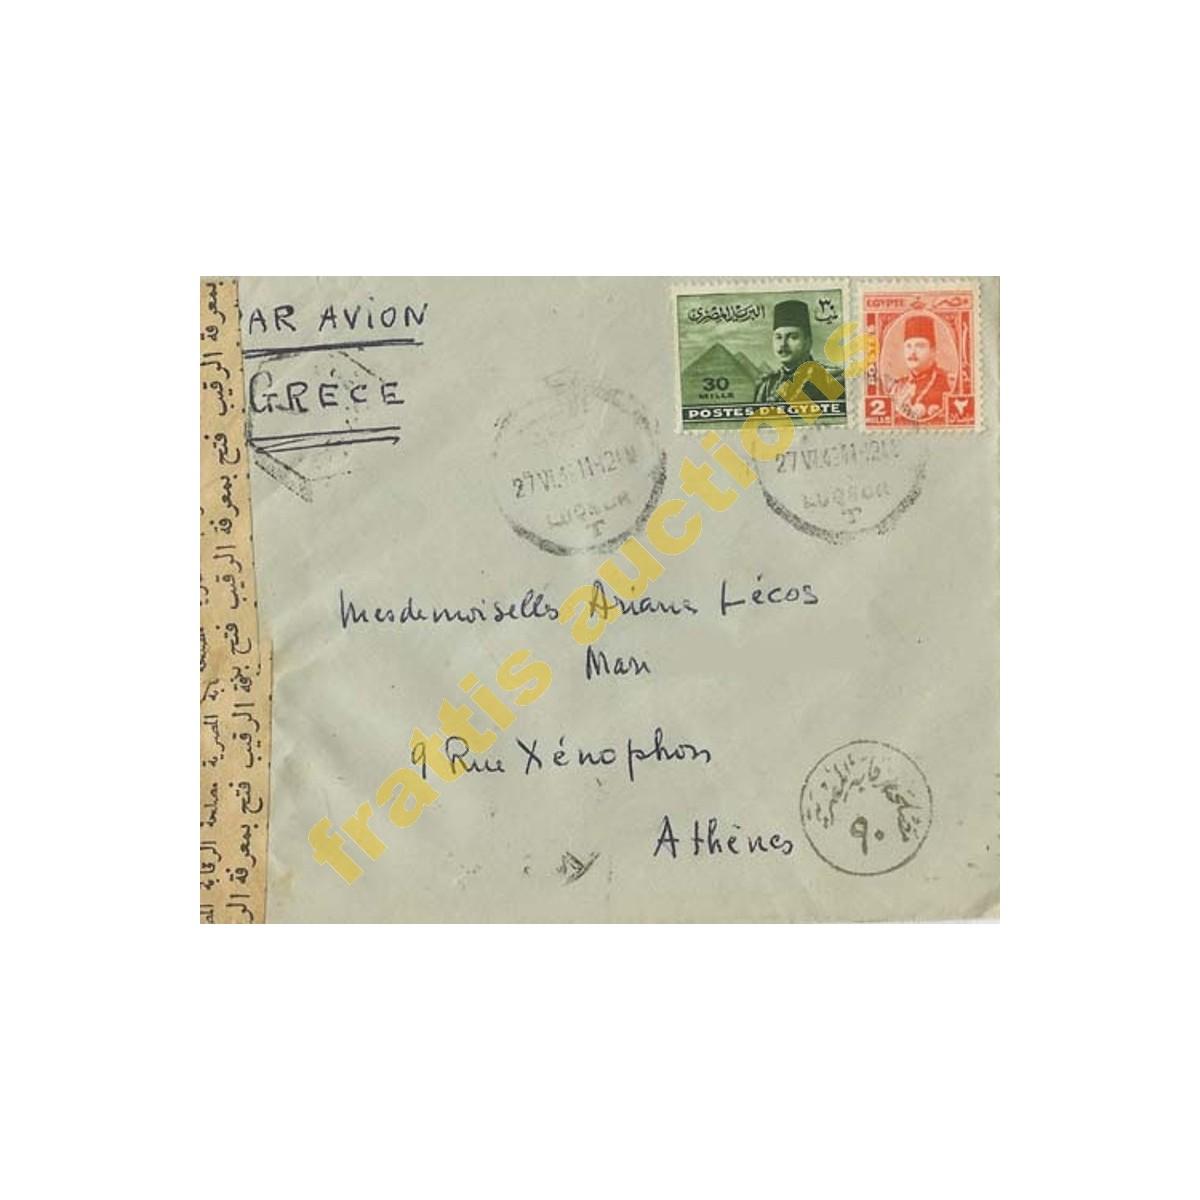 Φάκελος με 2 γραμματόσημα Αιγύπτου 1940΄ς.